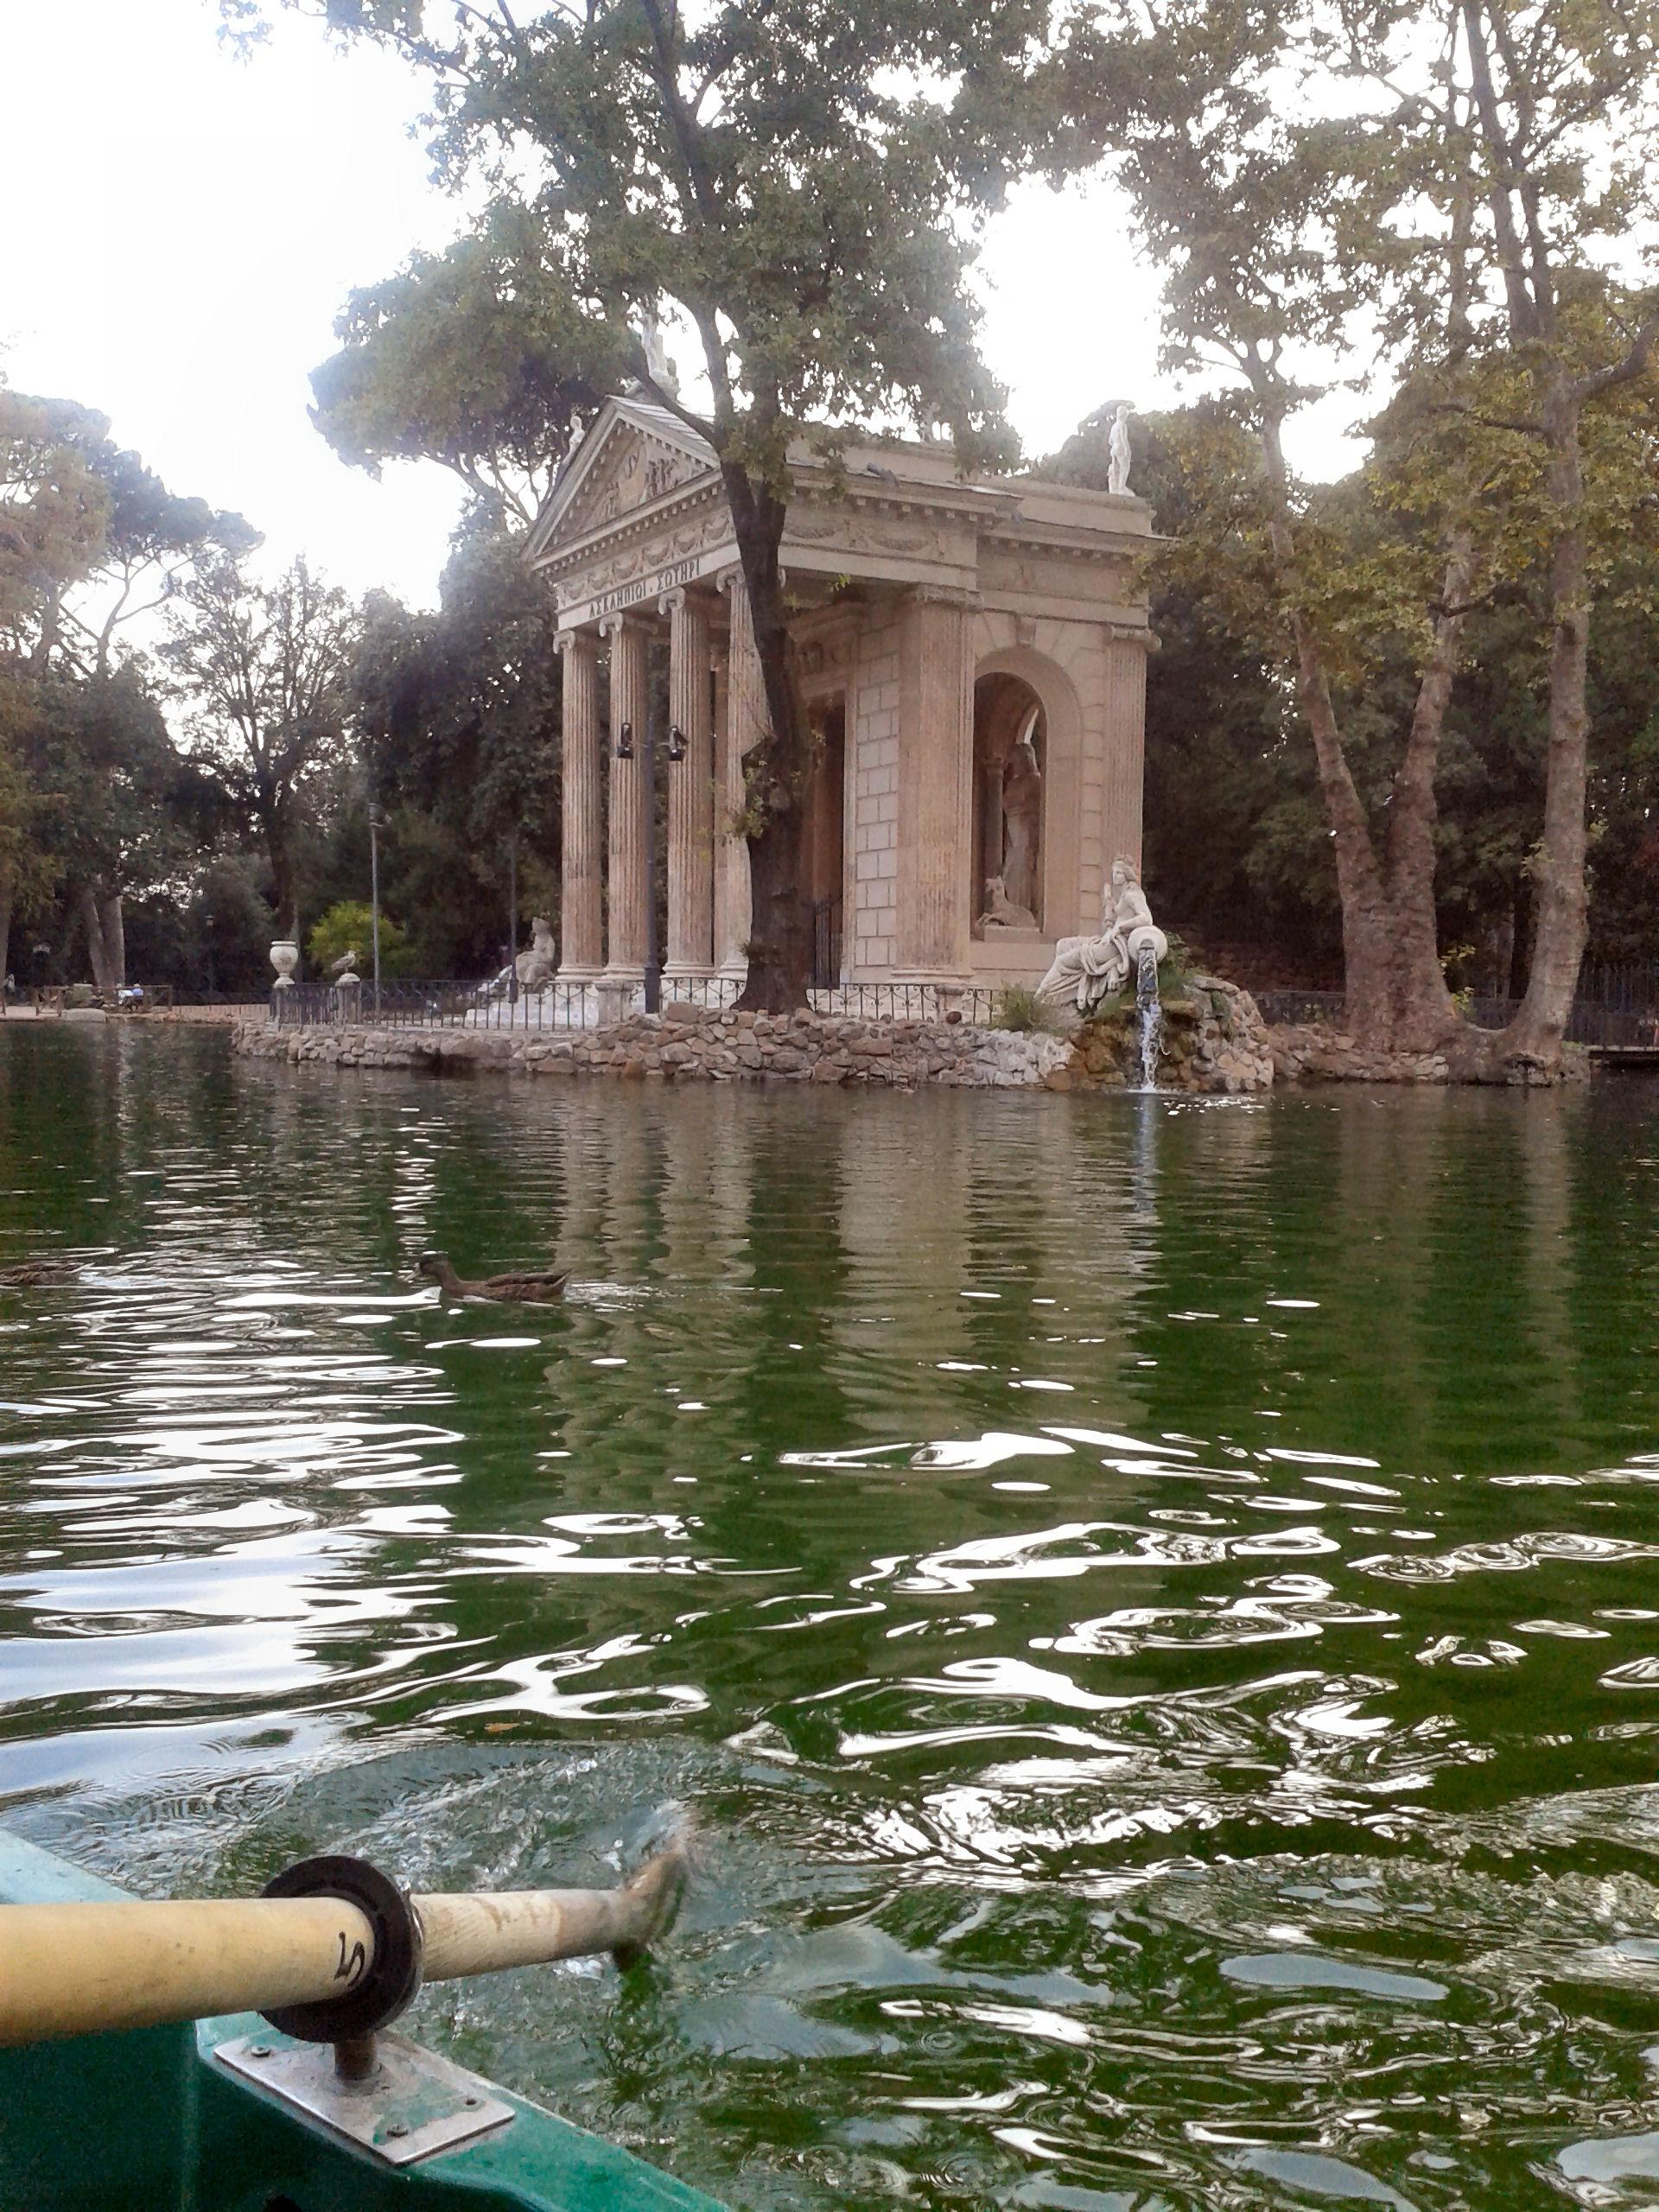 Orari Laghetto Villa Borghese